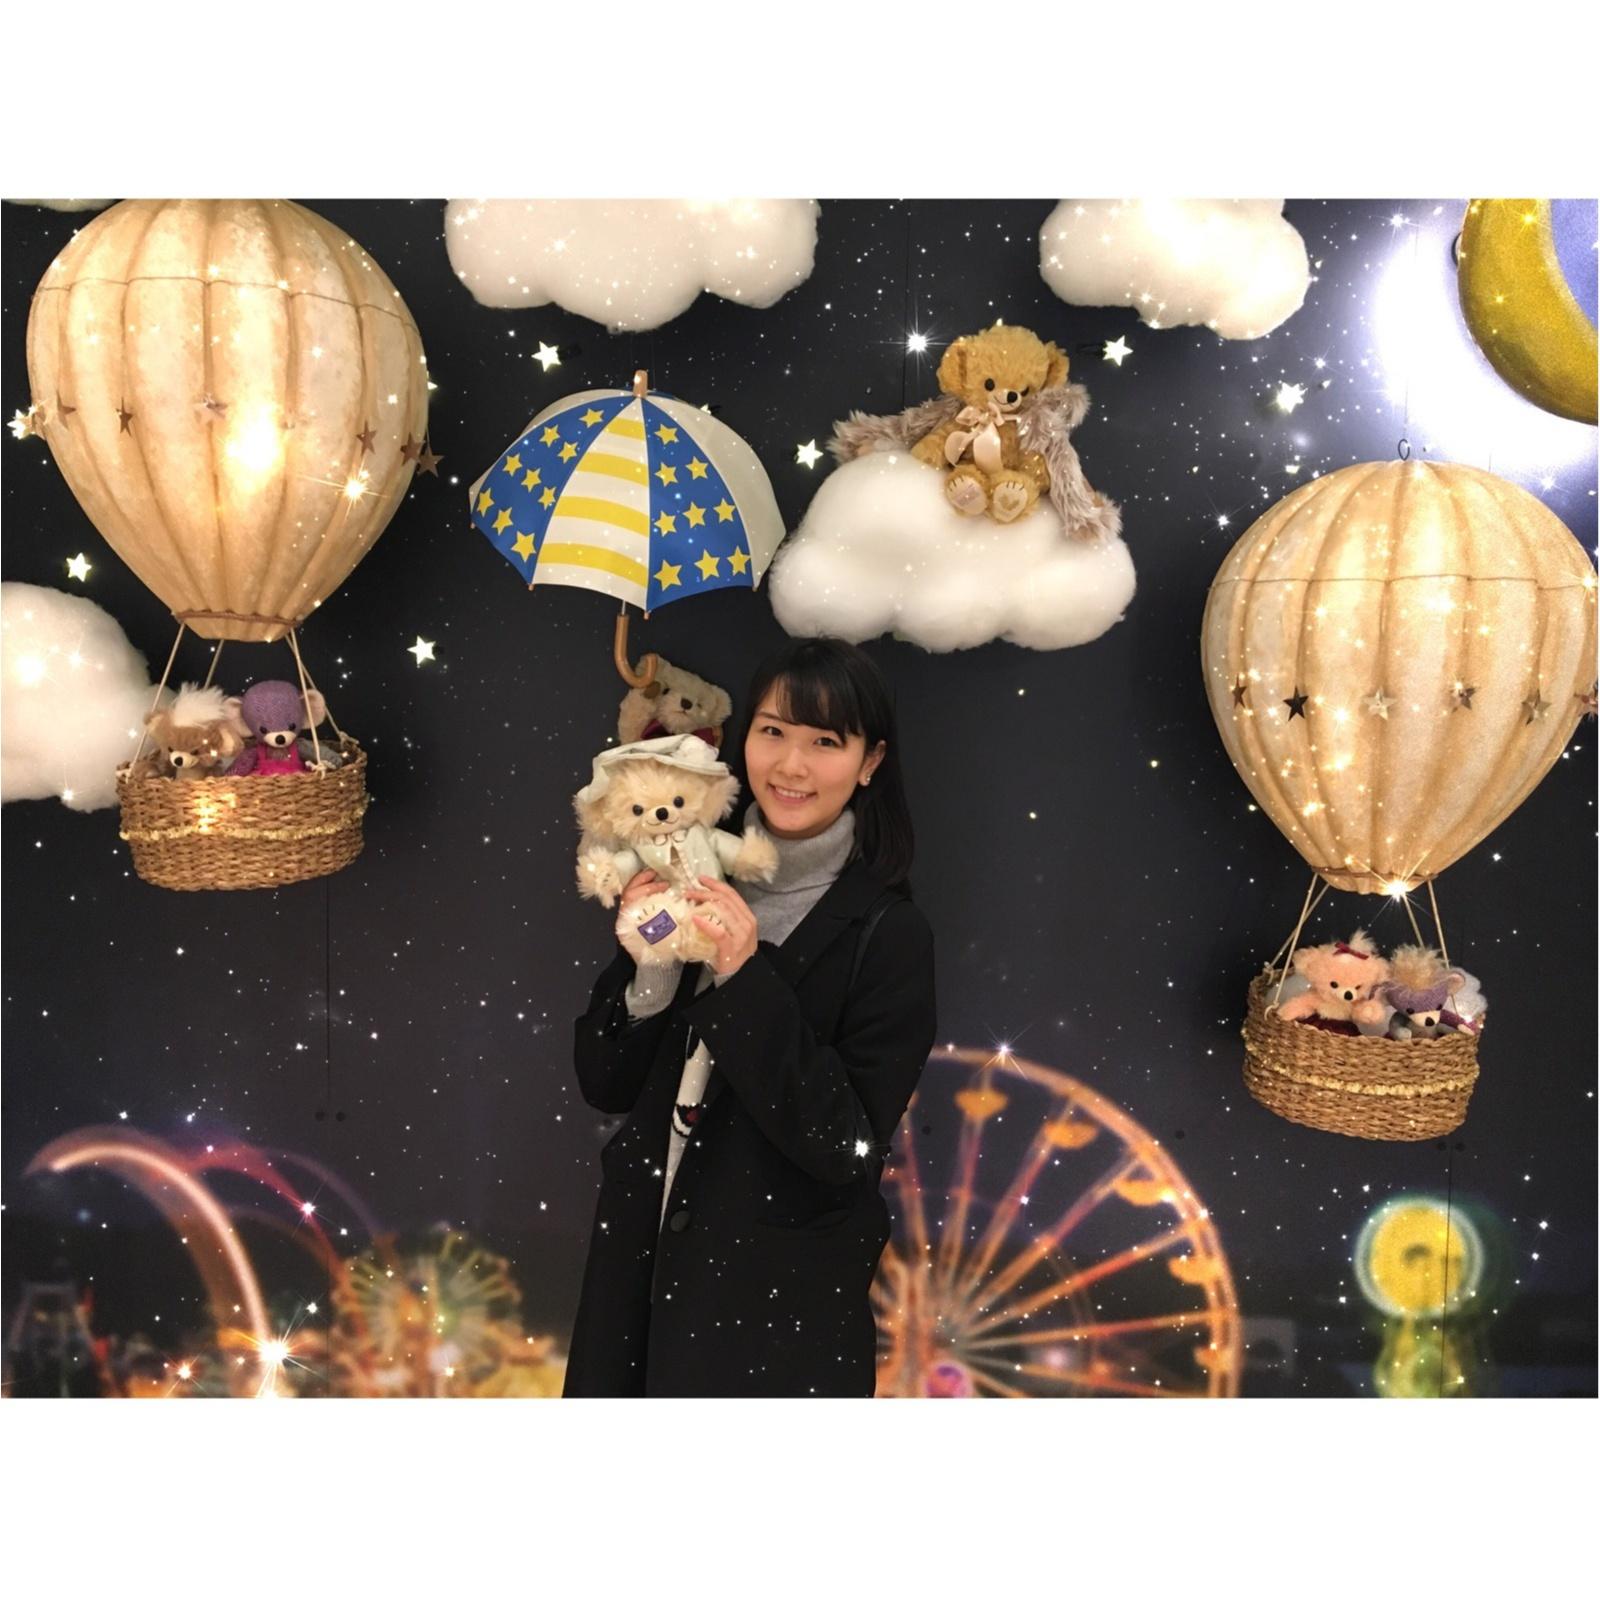 ▷【「夜空に輝く夢のテディランド」が新宿高島屋に登場✨】_4